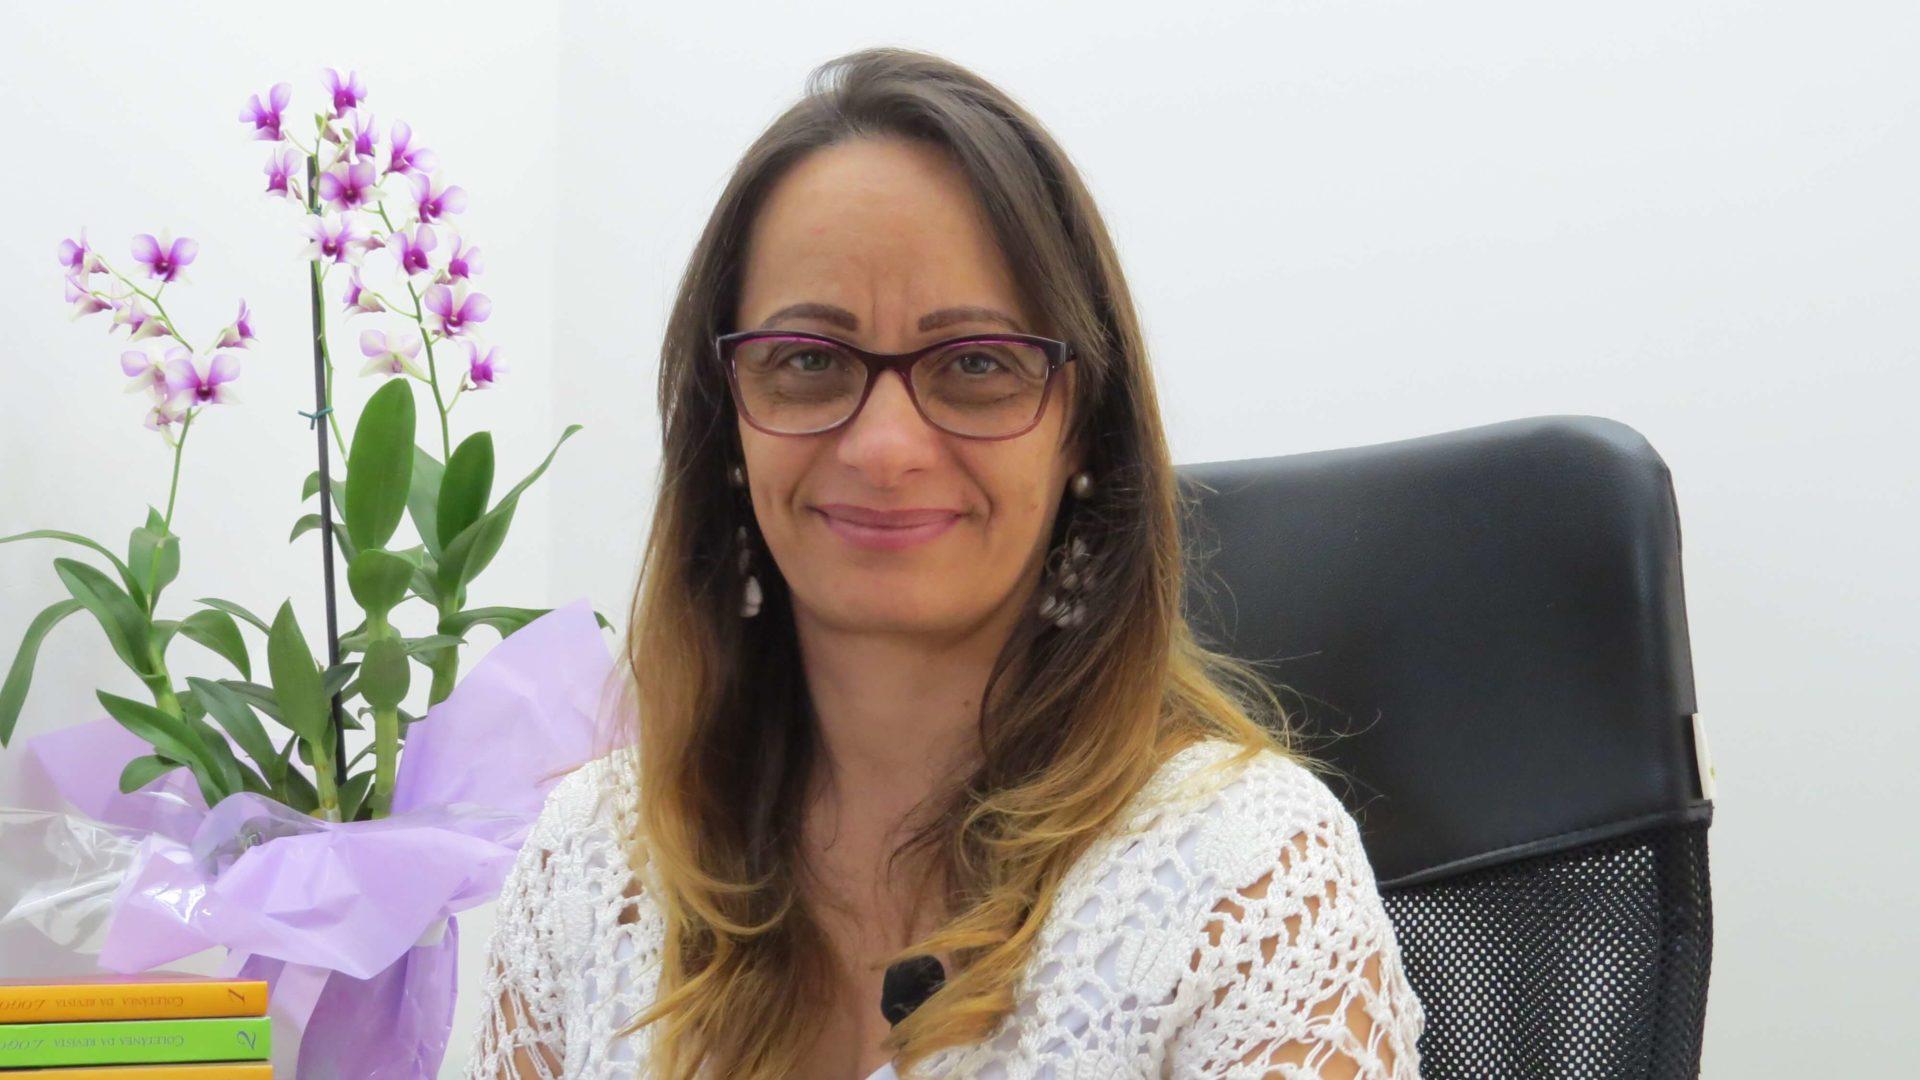 Julieta de Souza